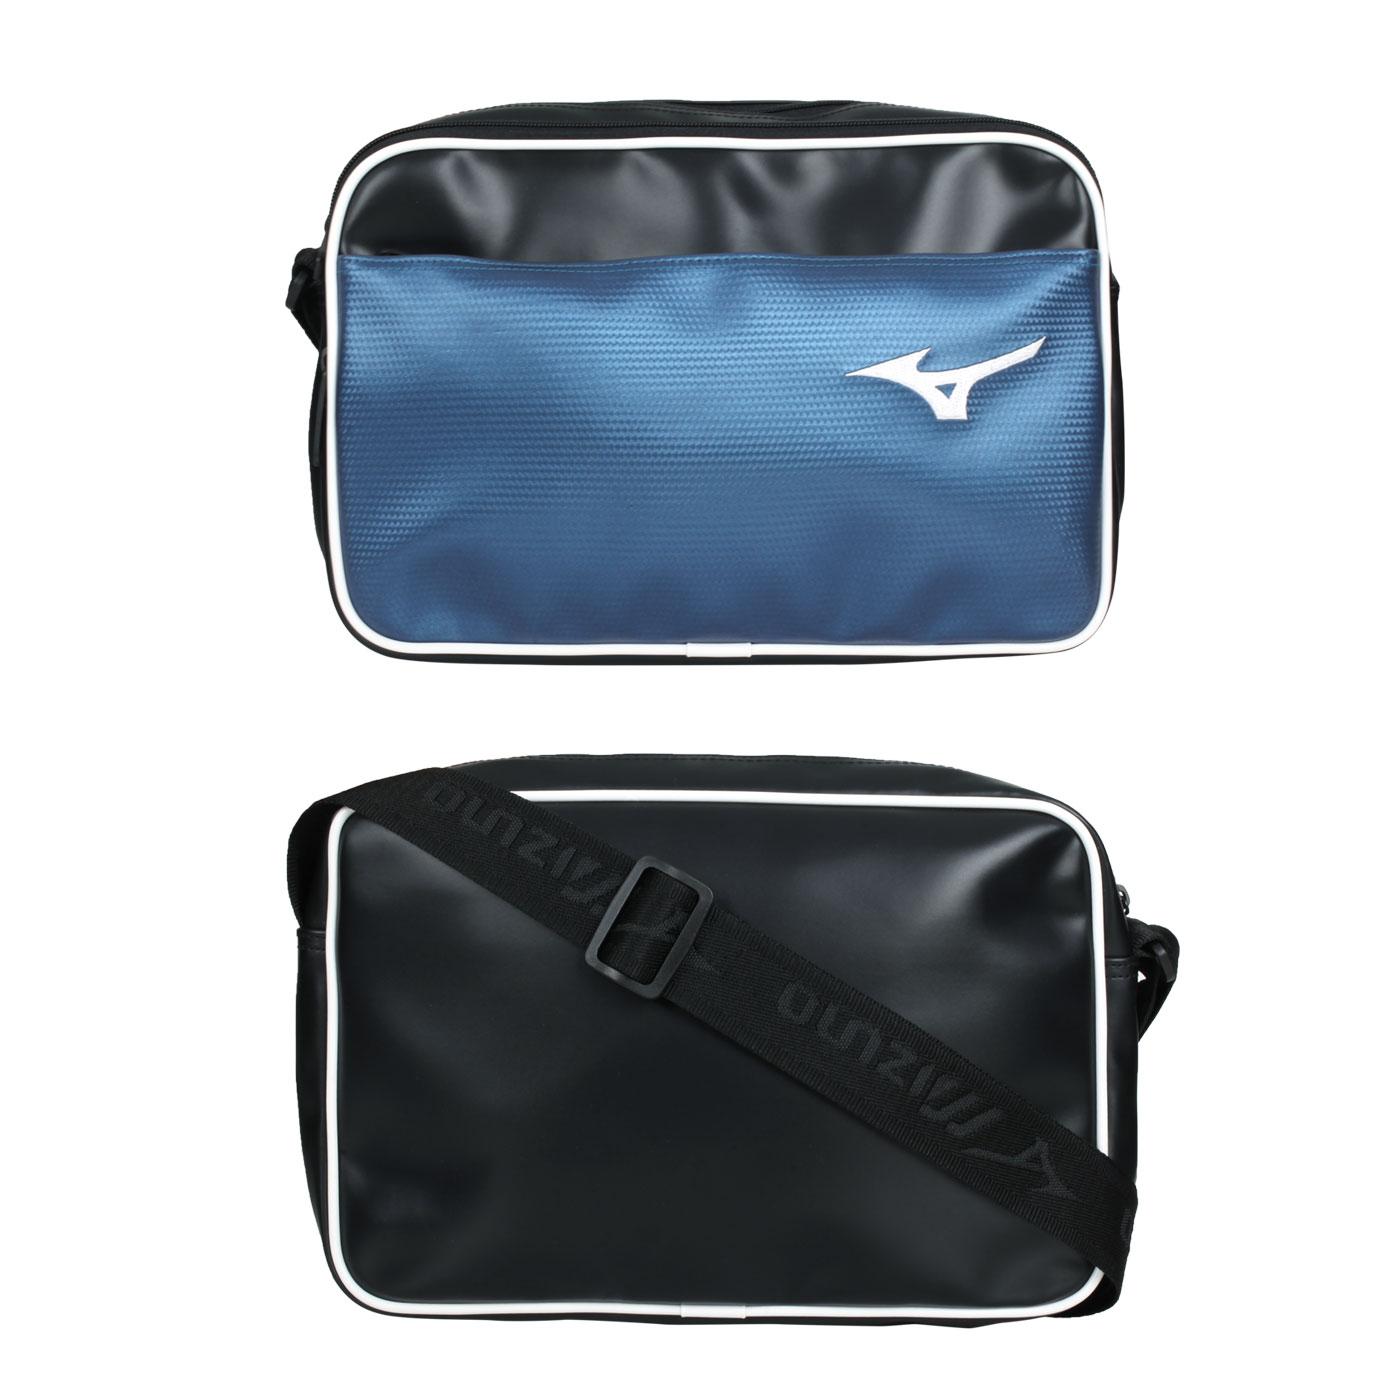 MIZUNO 側肩袋 1FTD170309 - 藍白黑